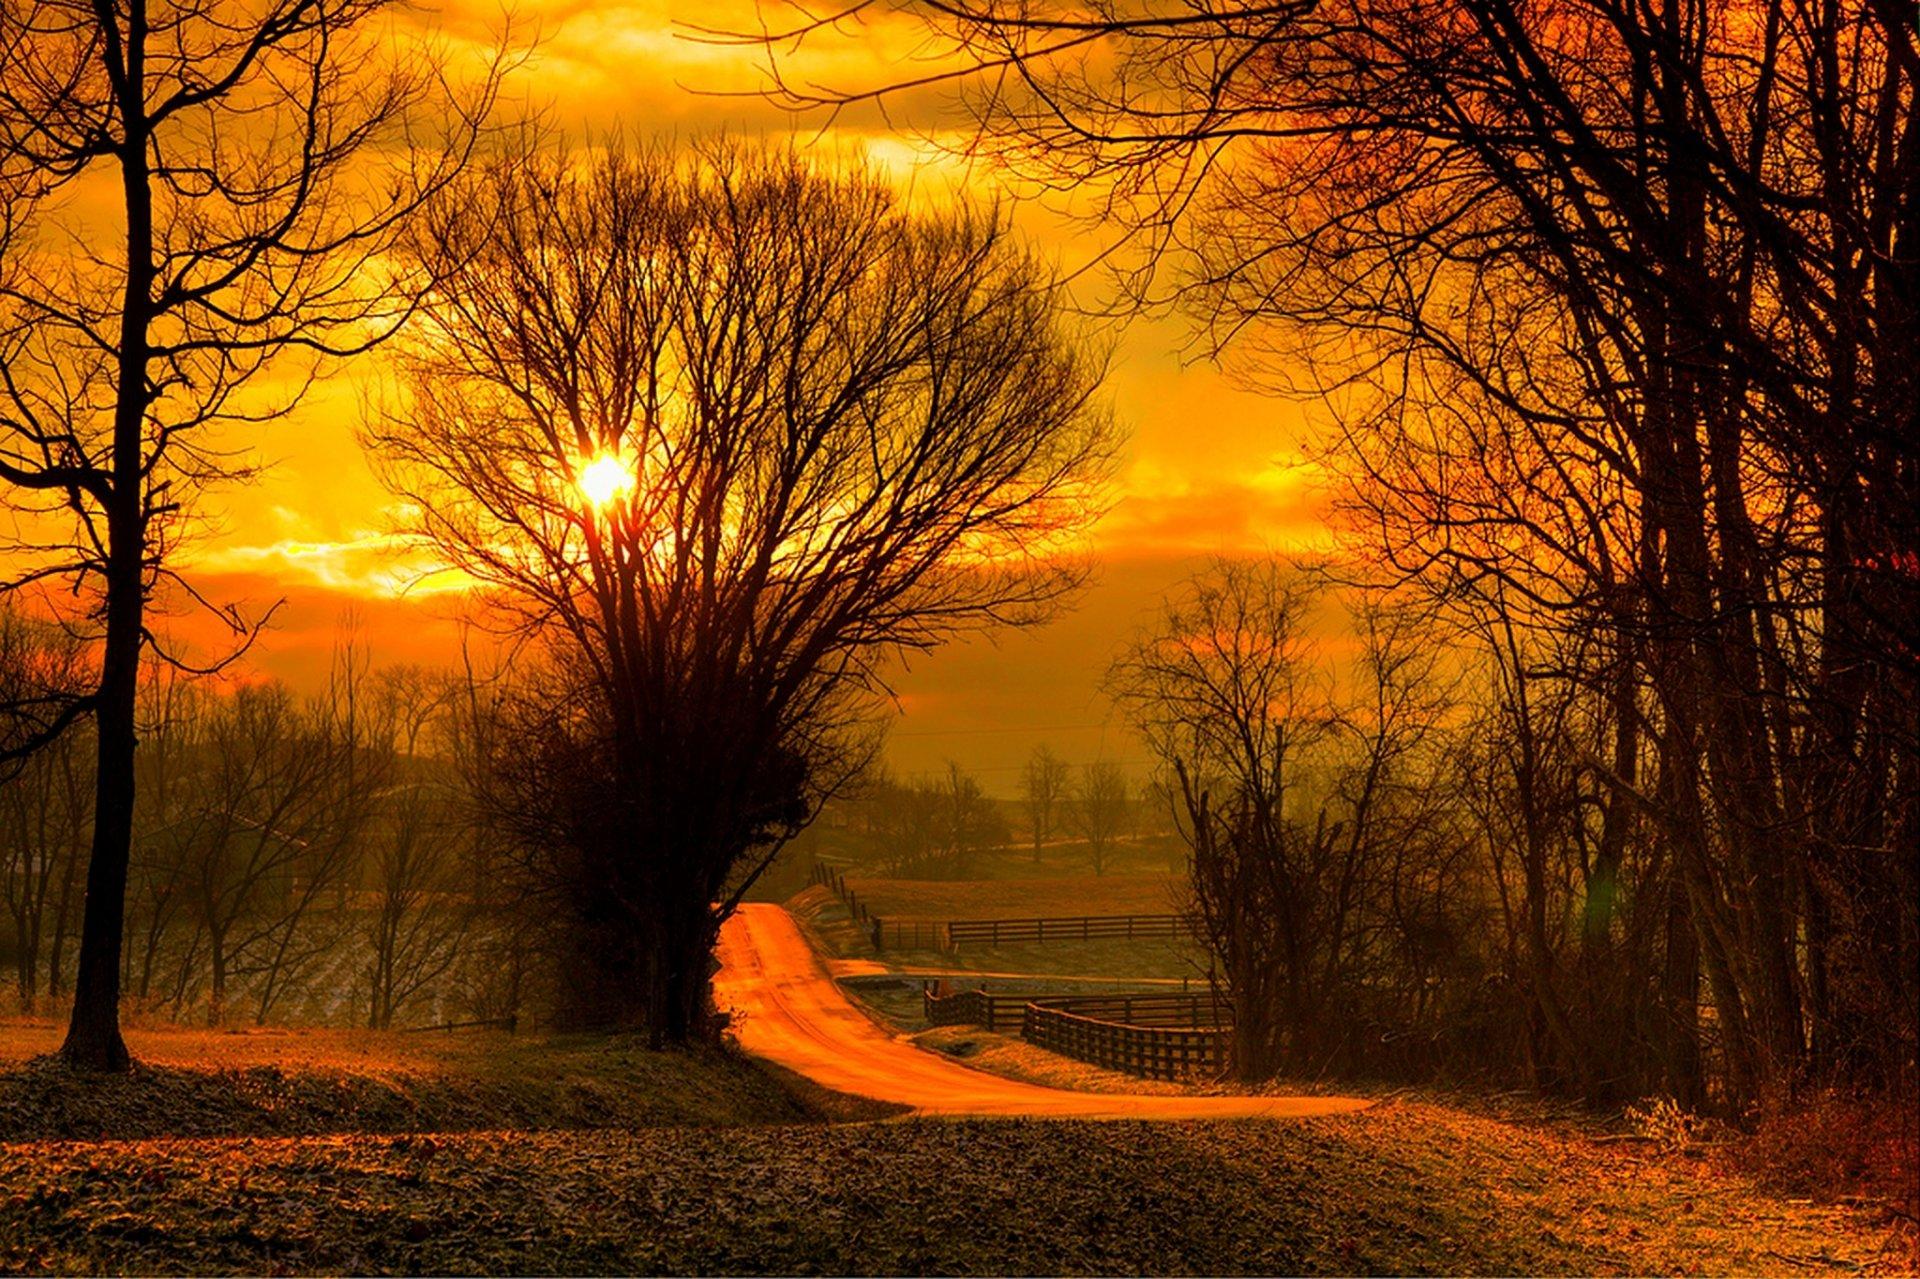 Восход солнца на окраине леса  № 1409548 без смс